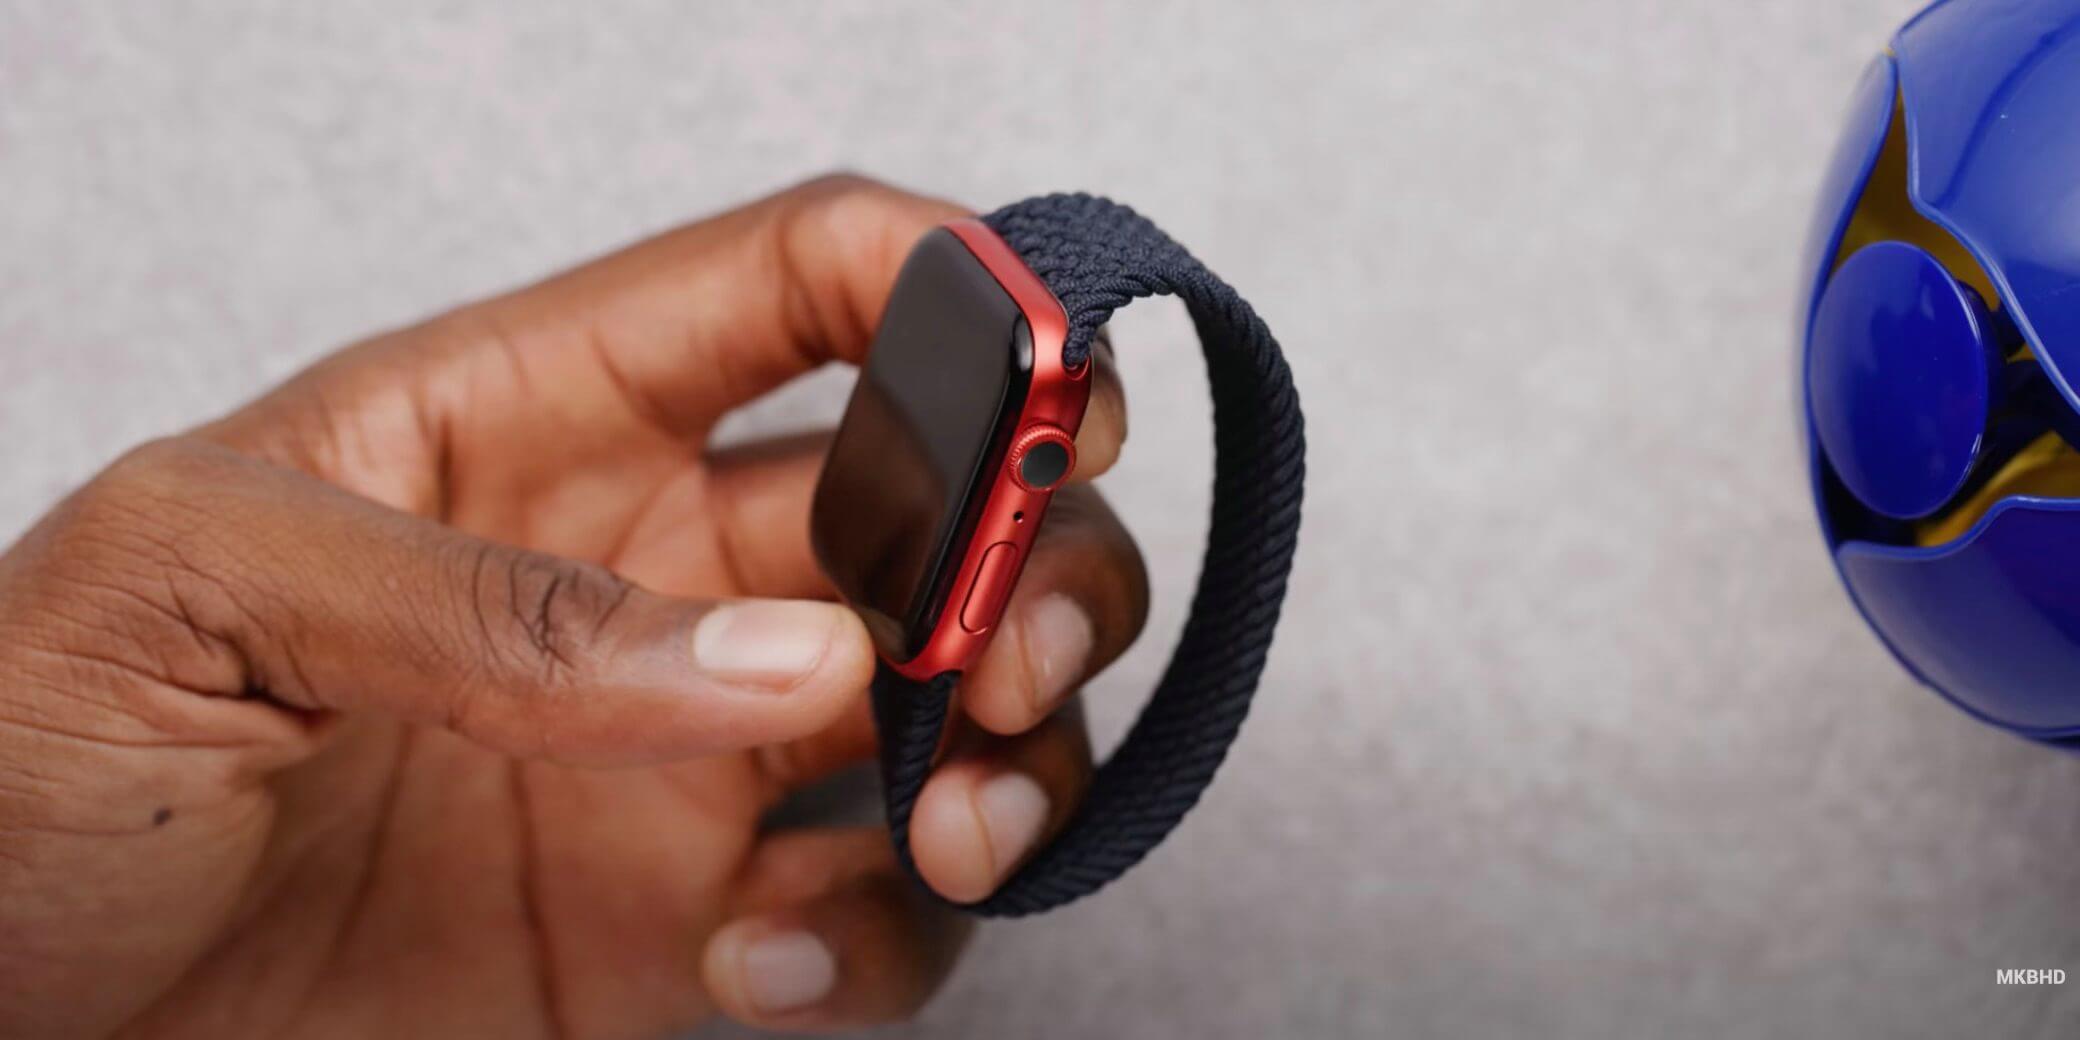 Обзоры Apple Watch Series 6: более яркий постоянно включенный дисплей выделяется, смешанные результаты для функции кислорода в крови